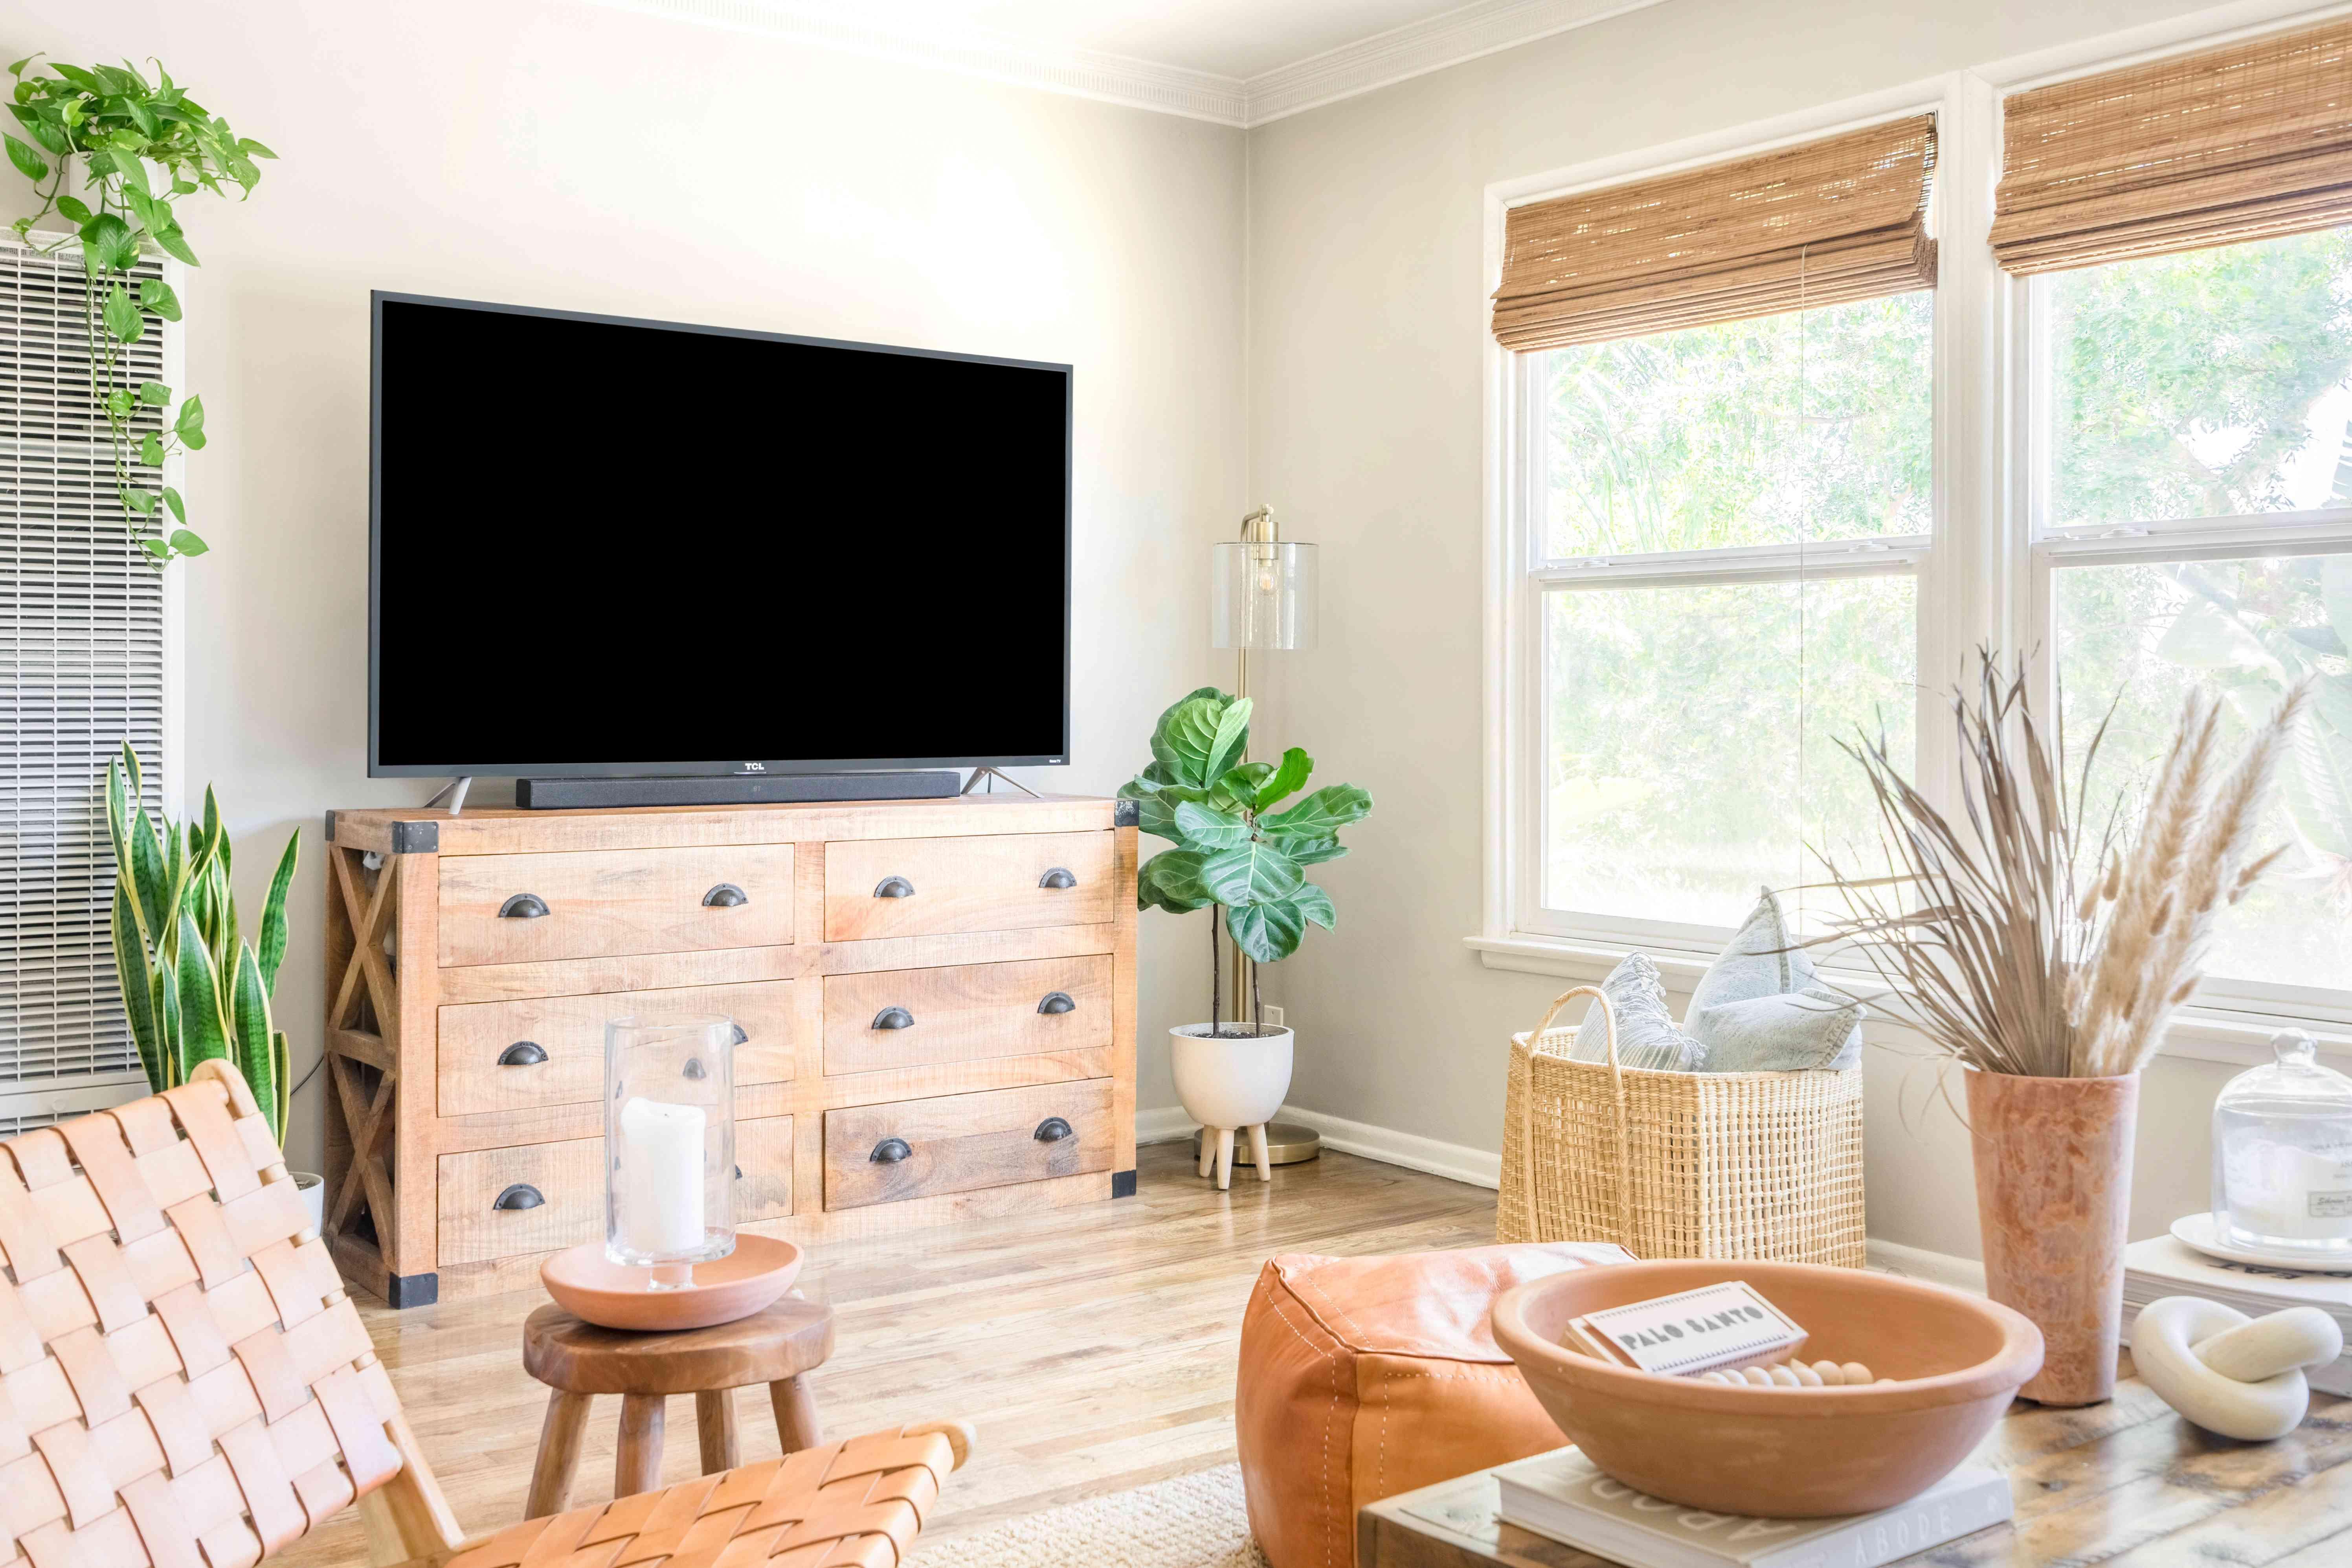 alisha agrellas home tour - sala de estar con tv